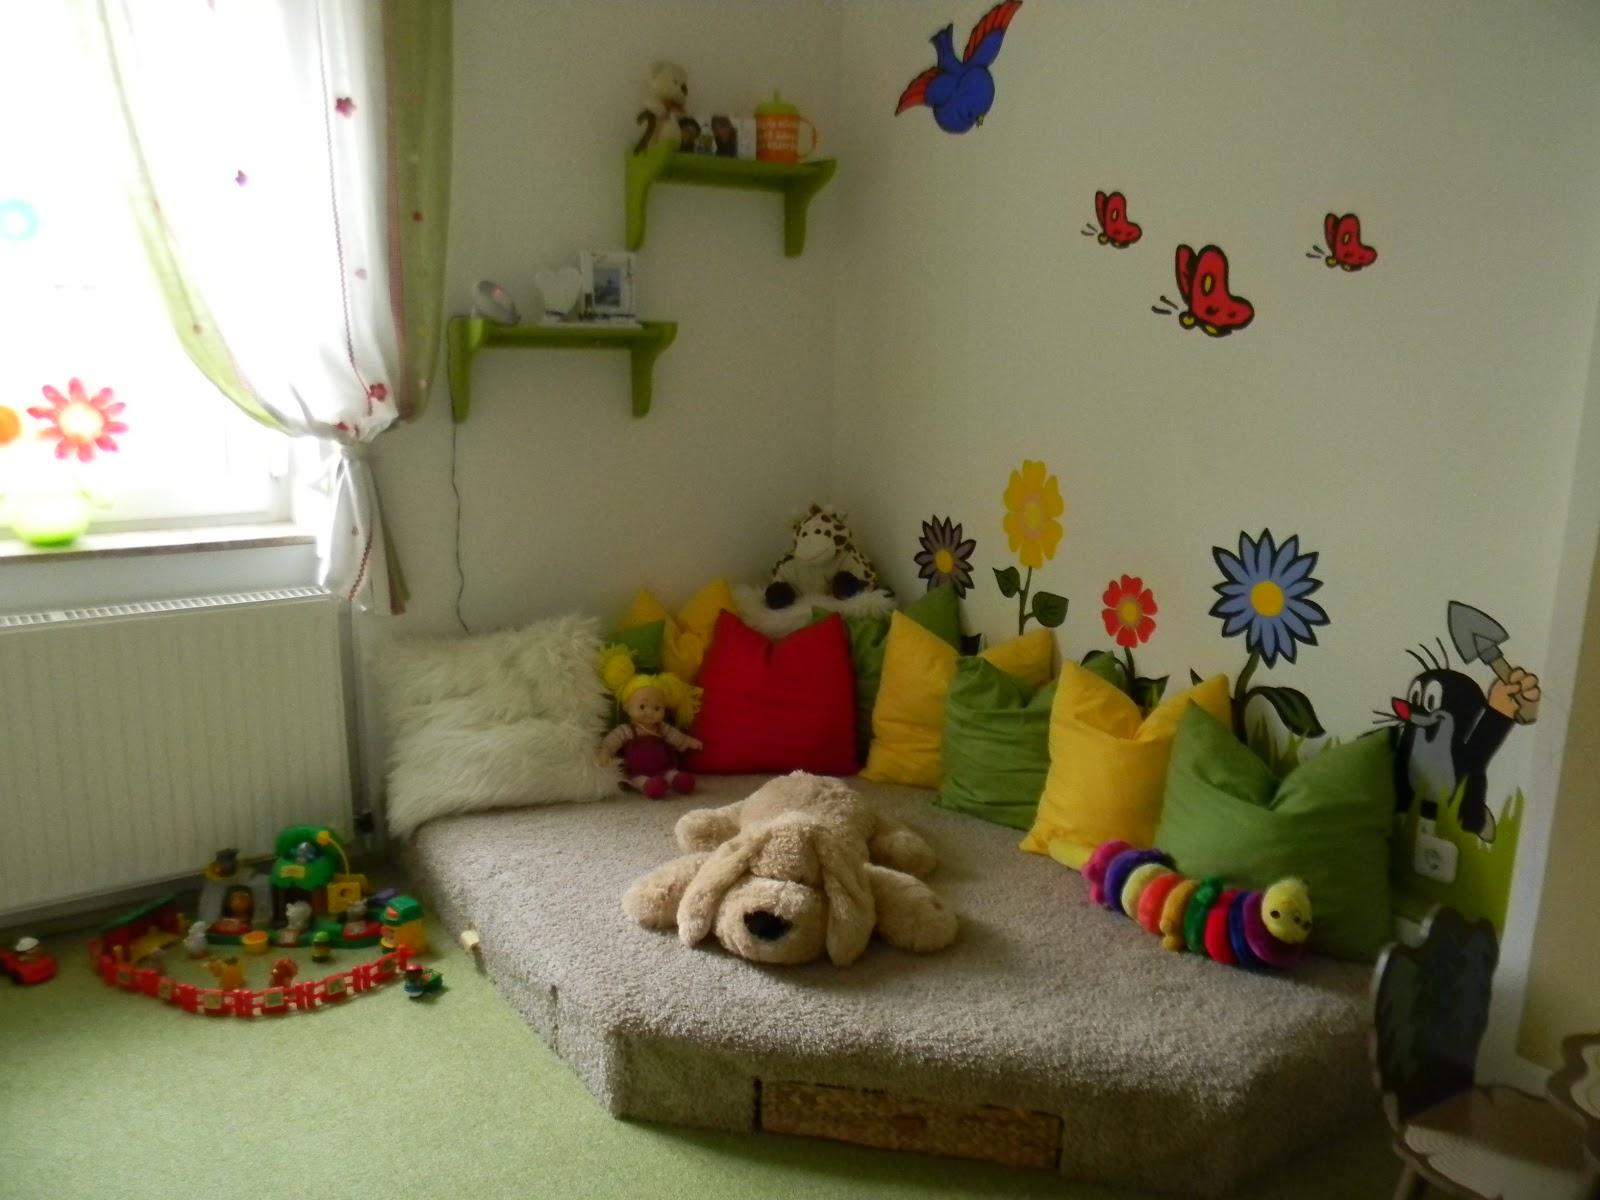 wo polster kaufen f r kuschelecke rehakids das forum. Black Bedroom Furniture Sets. Home Design Ideas